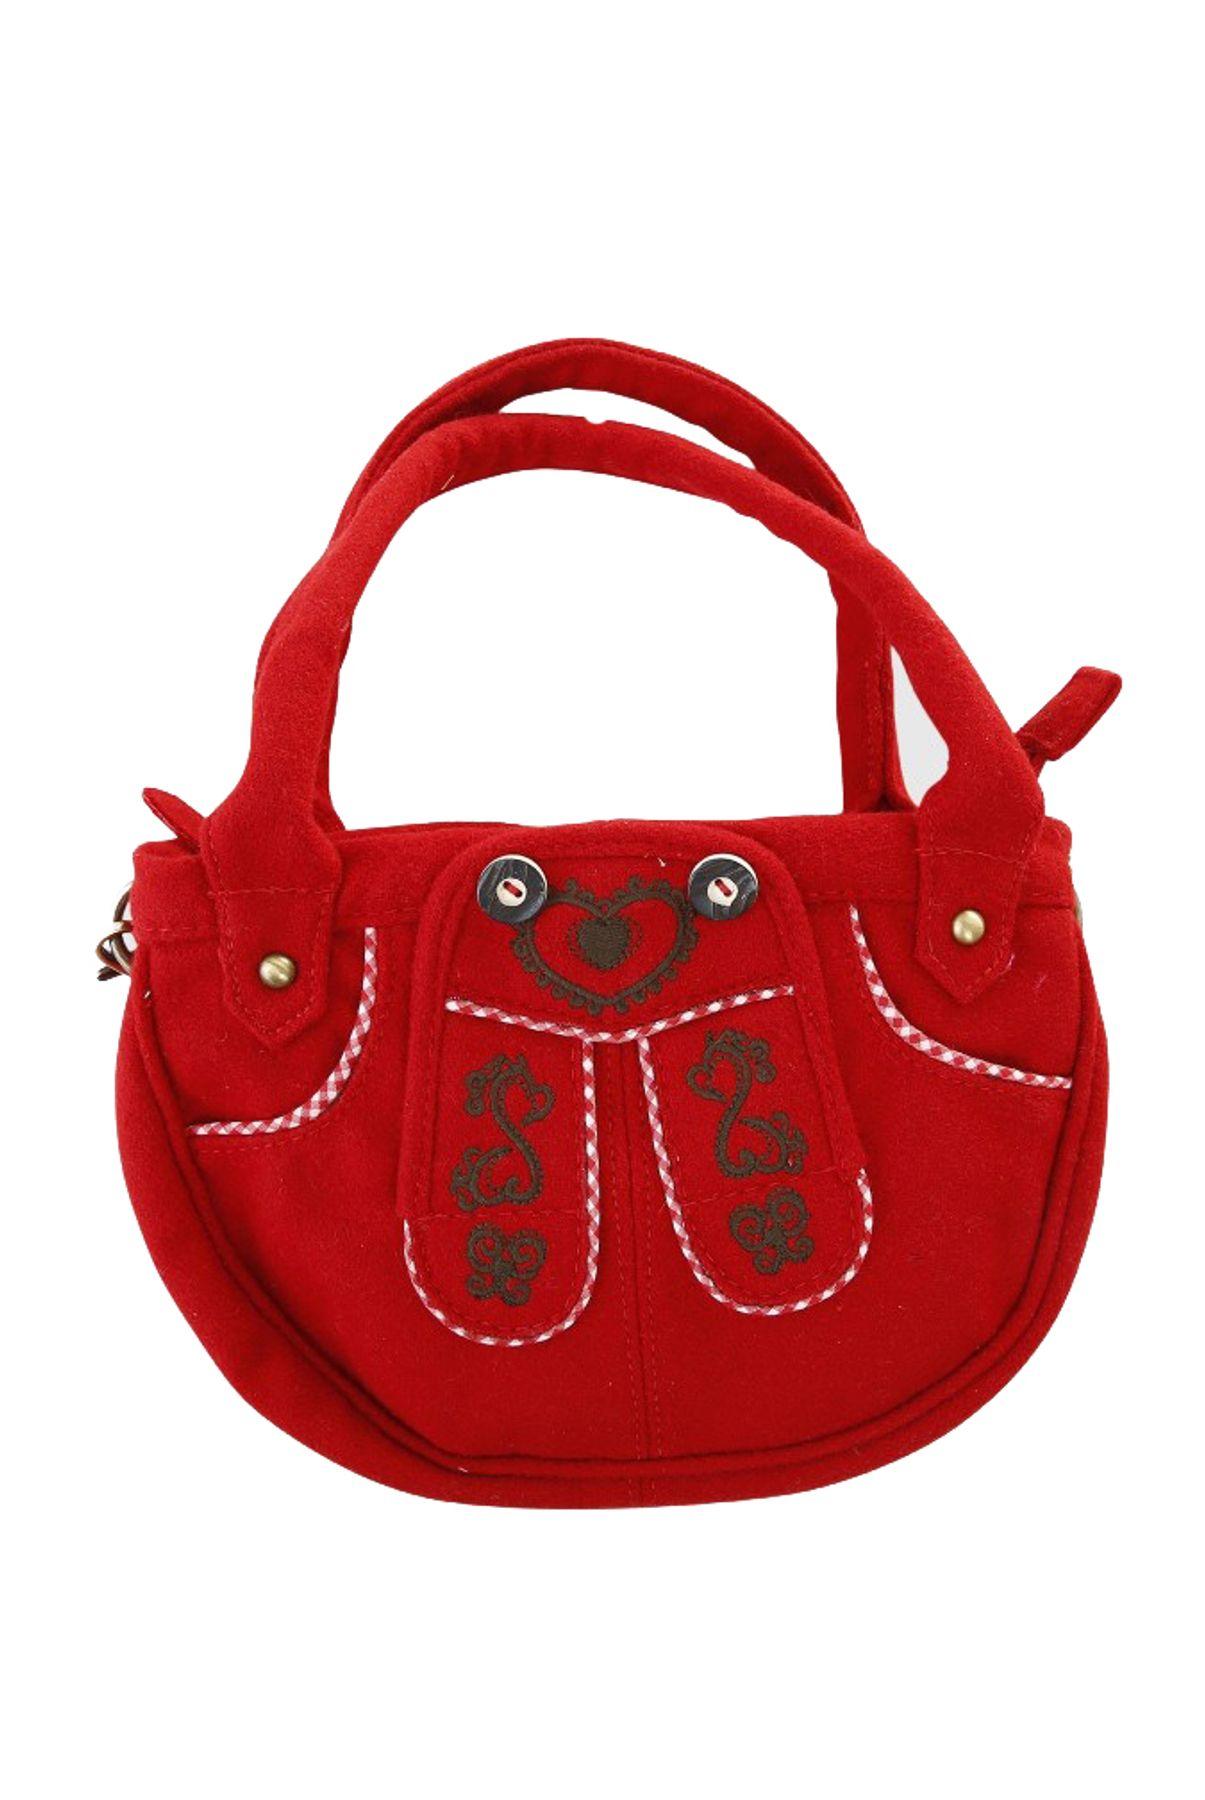 Krüger - Damen Trachtentasche in rot, Herzenssache (4722-9) – Bild 1